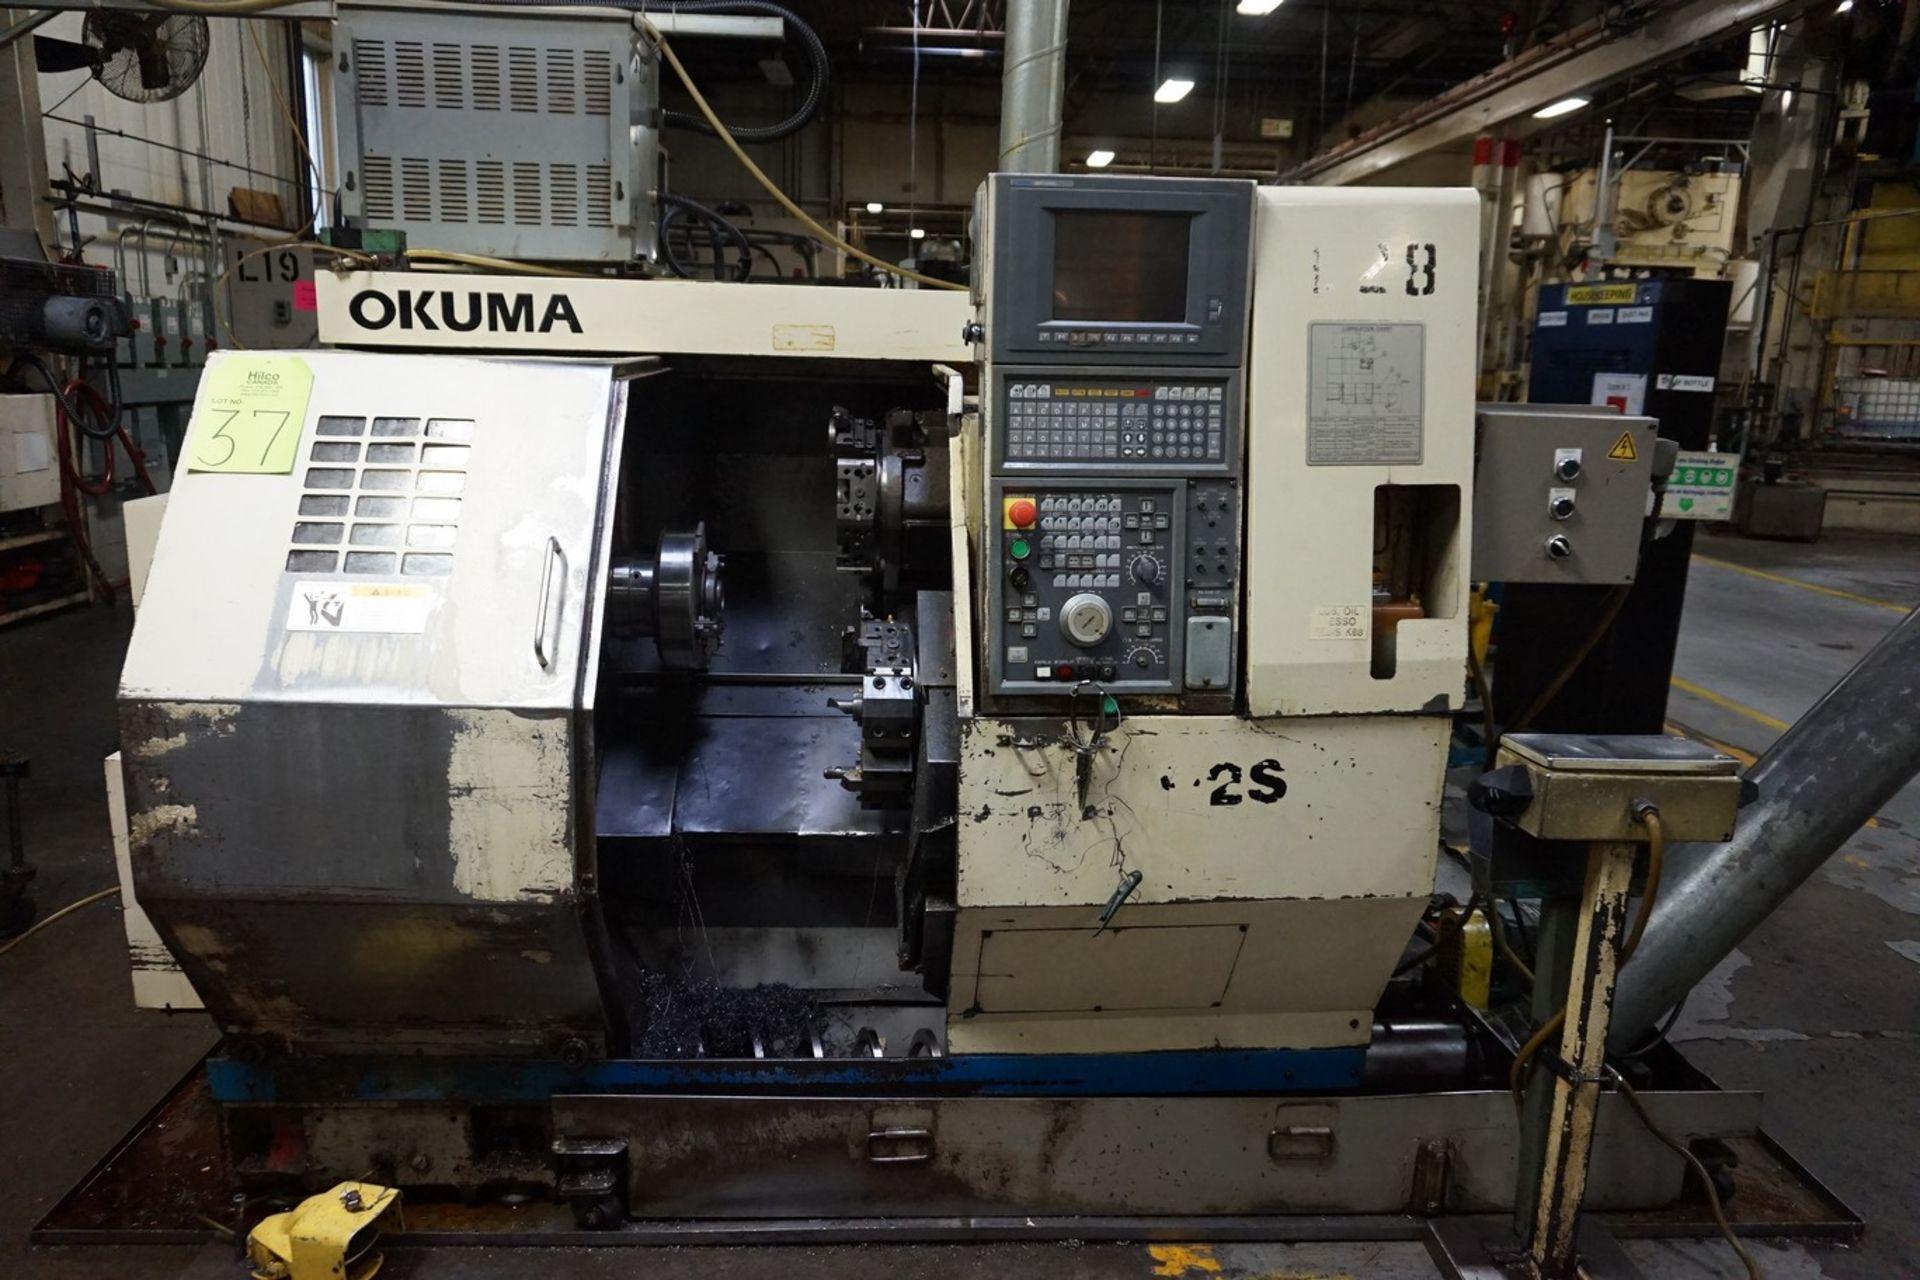 Okuma Model LCC15-2S CNC Lathe 220/240V c/w Chip Conveyor, Transformer - Image 6 of 11